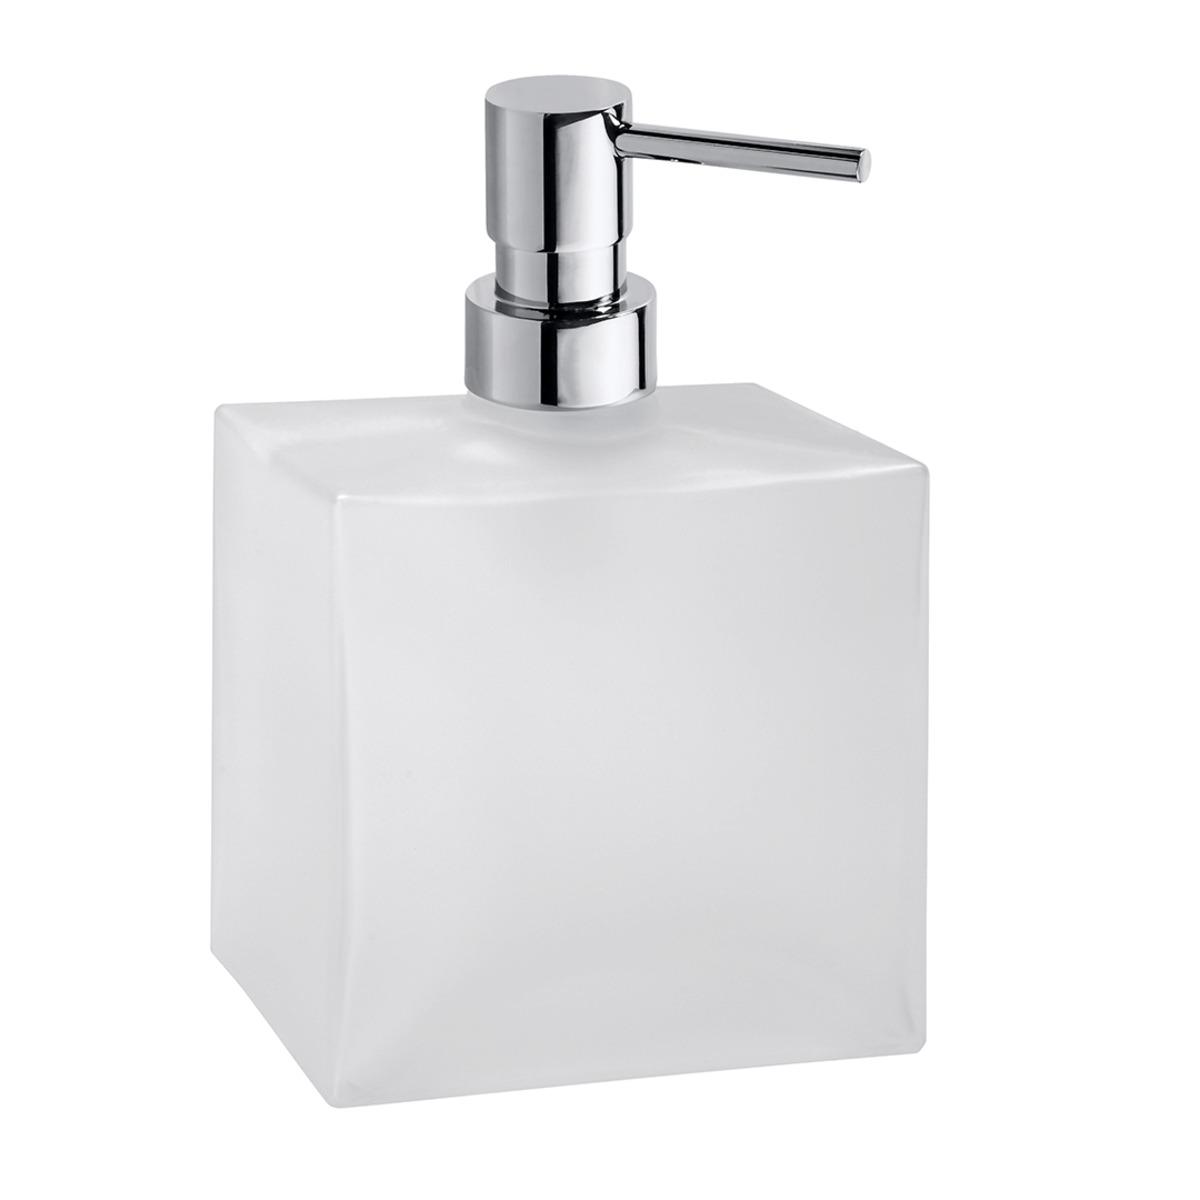 Dávkovač mýdla Bemeta PLAZA chrom 118109042